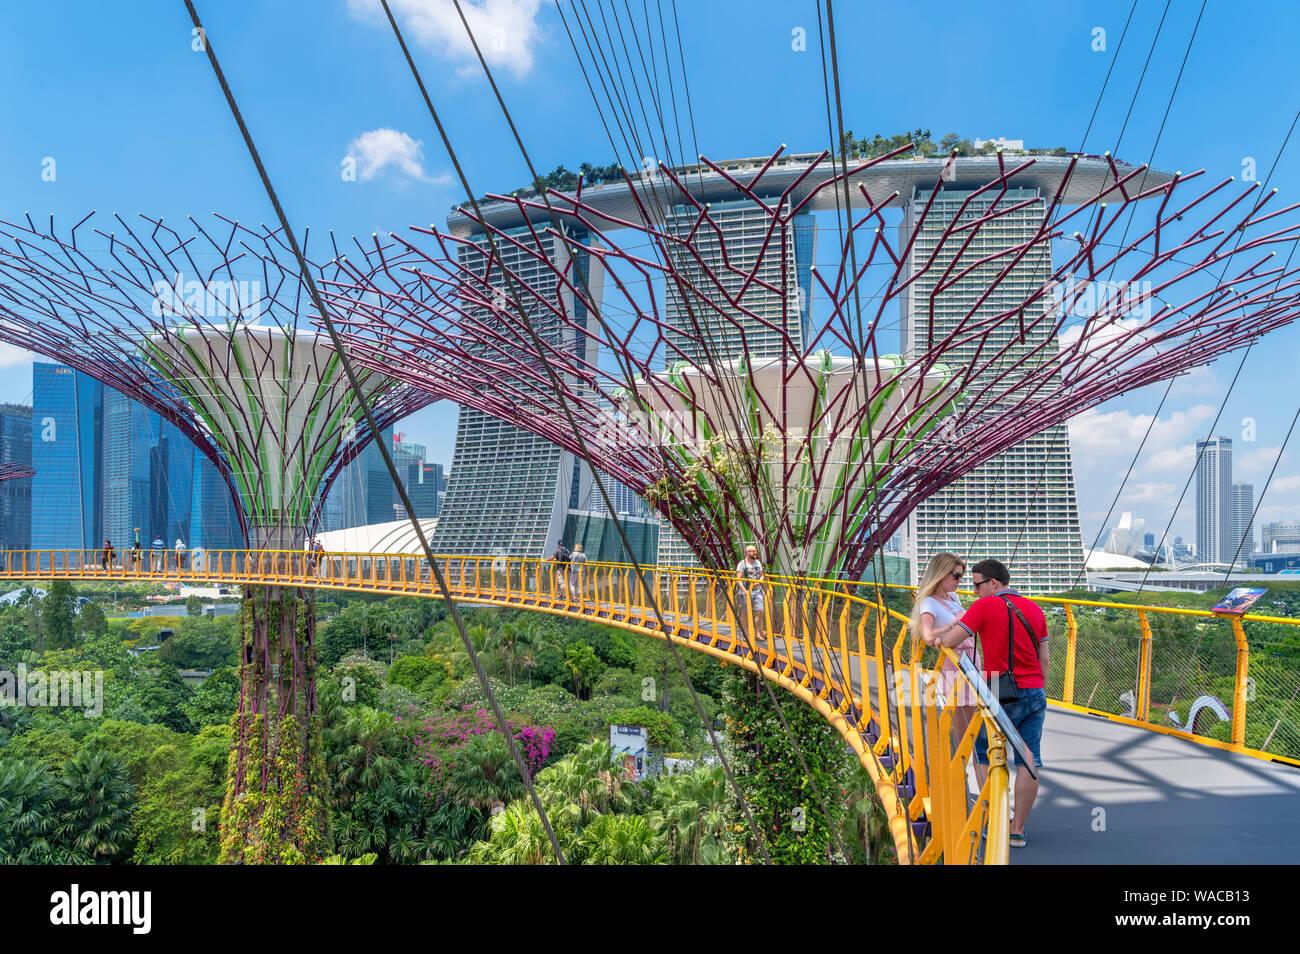 La OCBC Skyway, una passerella aerea nel Supertree Grove, guardando verso la Marina Bay Sands, giardini dalla baia, città di Singapore, Singapore Foto Stock